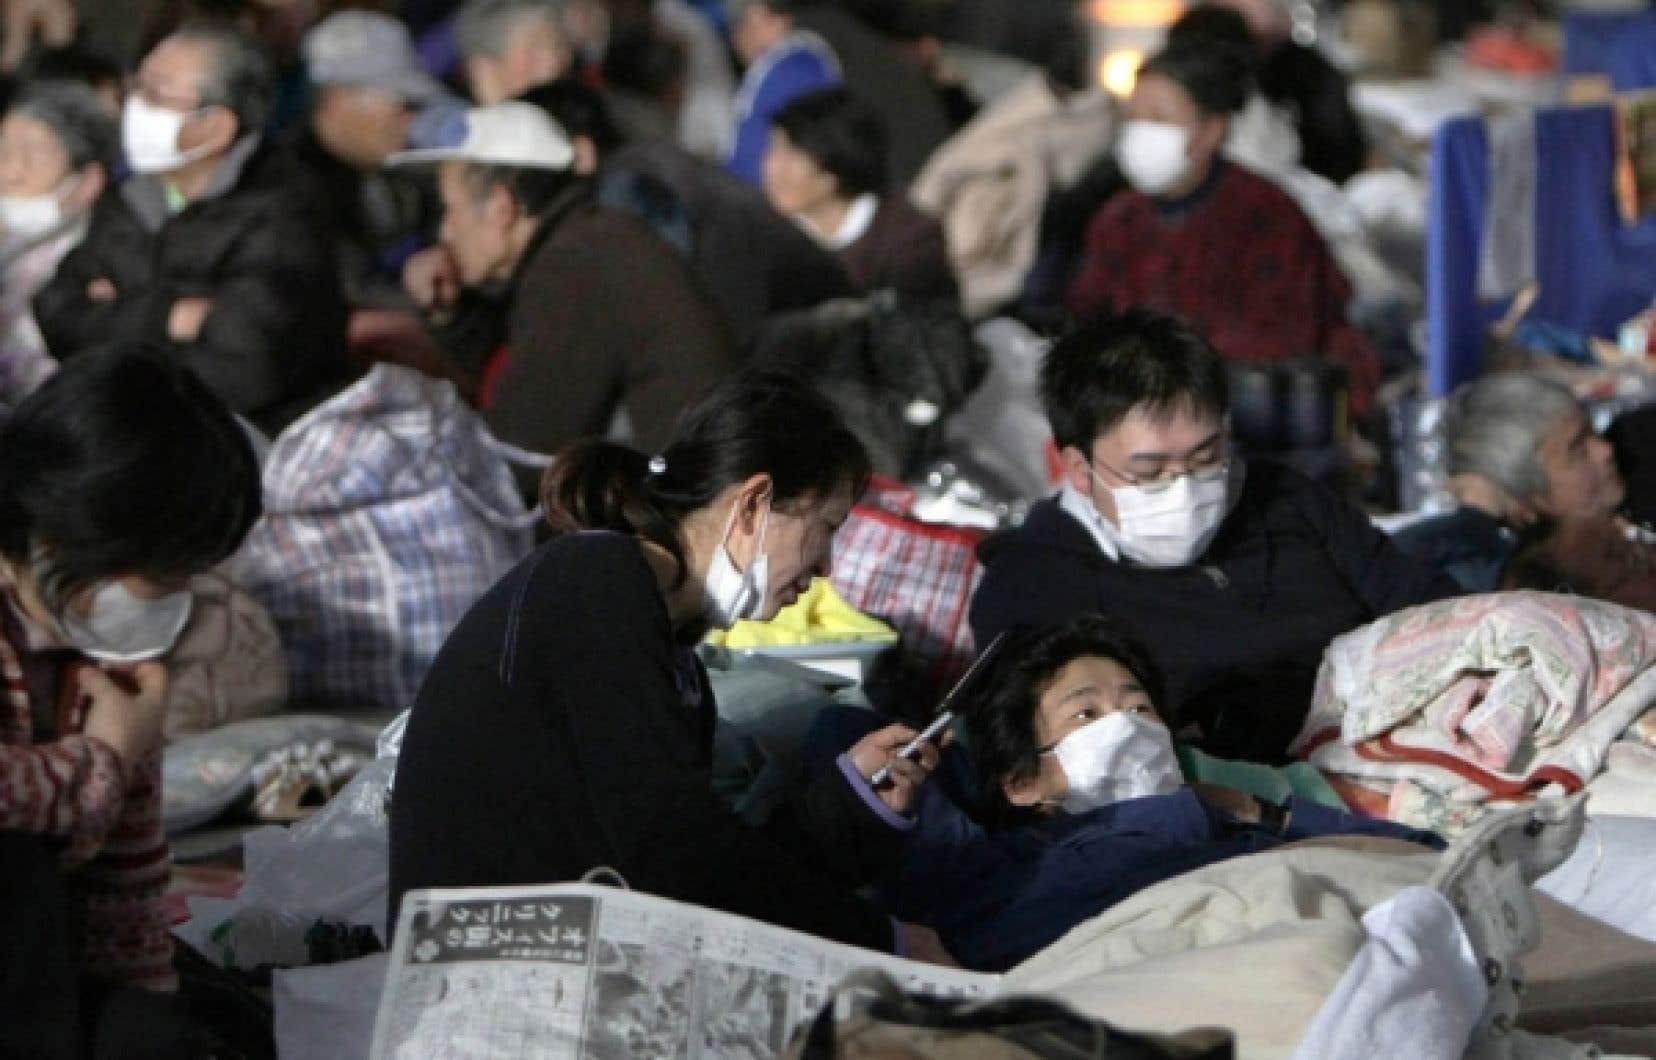 Des survivants du s&eacute;isme et du tsunami ont trouv&eacute; refuge dans un centre d&rsquo;&eacute;vacuation de Watari, dans la province de Miyagi. Aux difficult&eacute;s des sinistr&eacute;s japonais s&rsquo;ajoute la crainte qu&rsquo;un grave accident nucl&eacute;aire ne provoque une vaste contamination.<br />